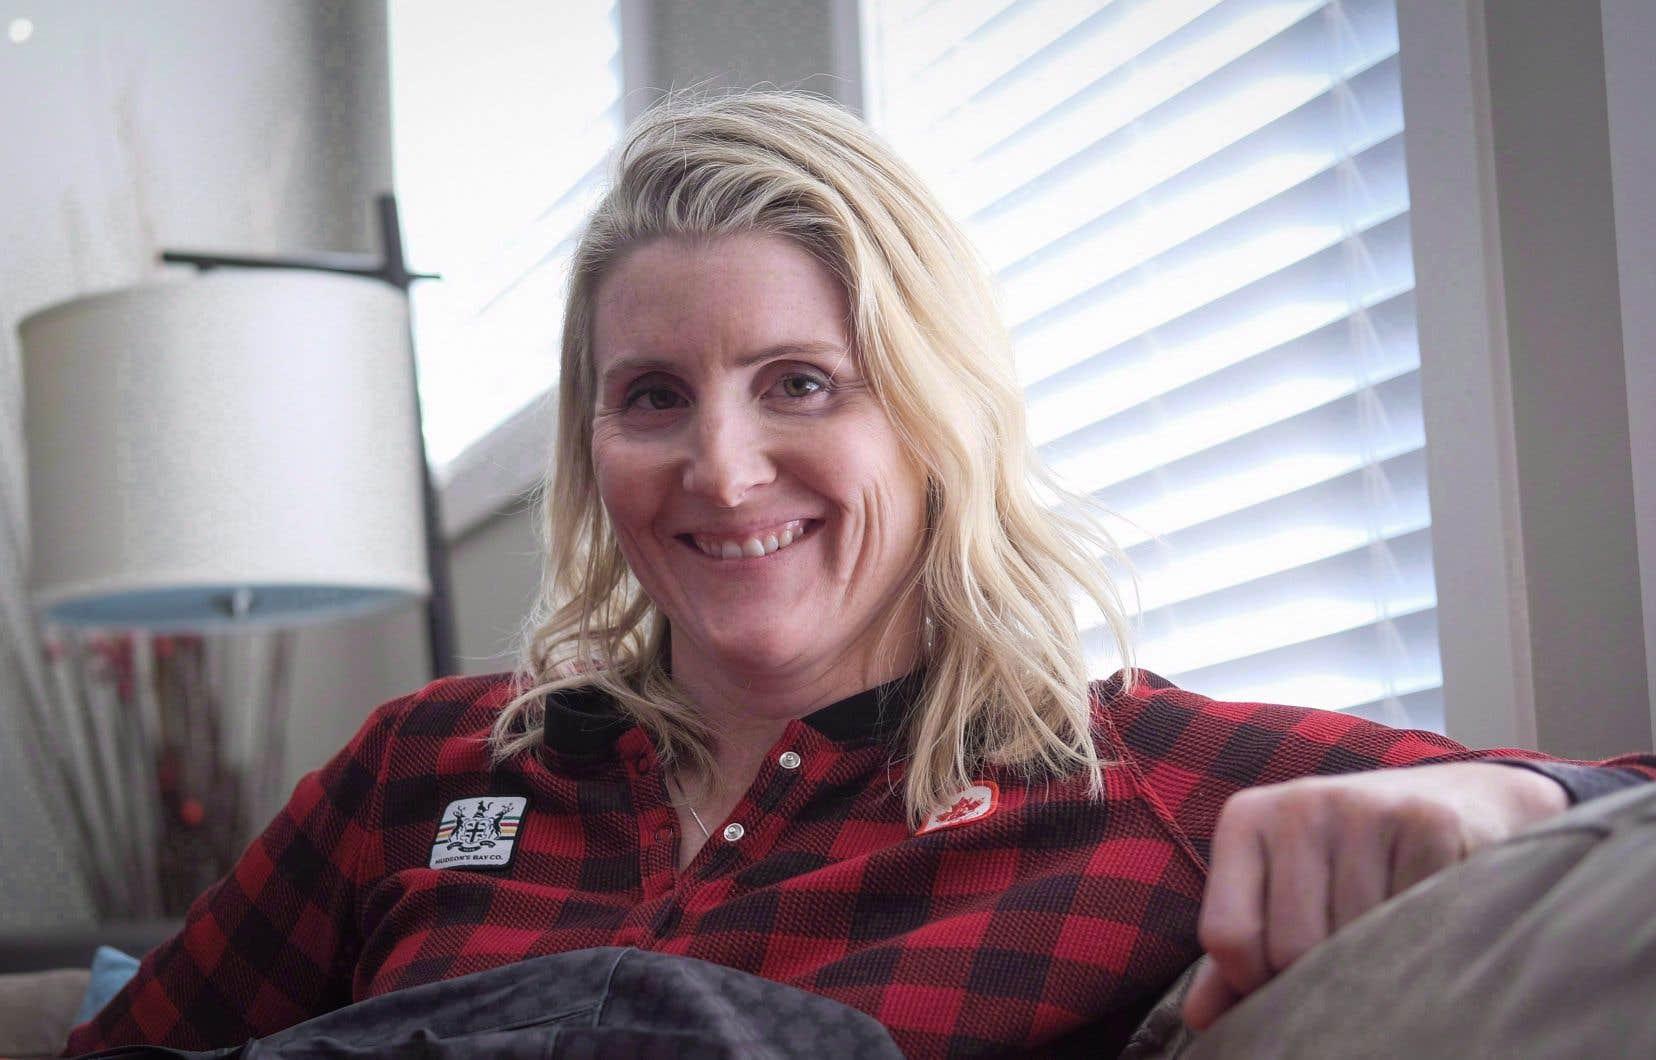 Âgée de 39ans, Haley Wickenheiser a admis avoir souffert d'étourdissements et de nausées après une mise en échec subie dans une ligue professionnelle masculine en Suède, en 2008.